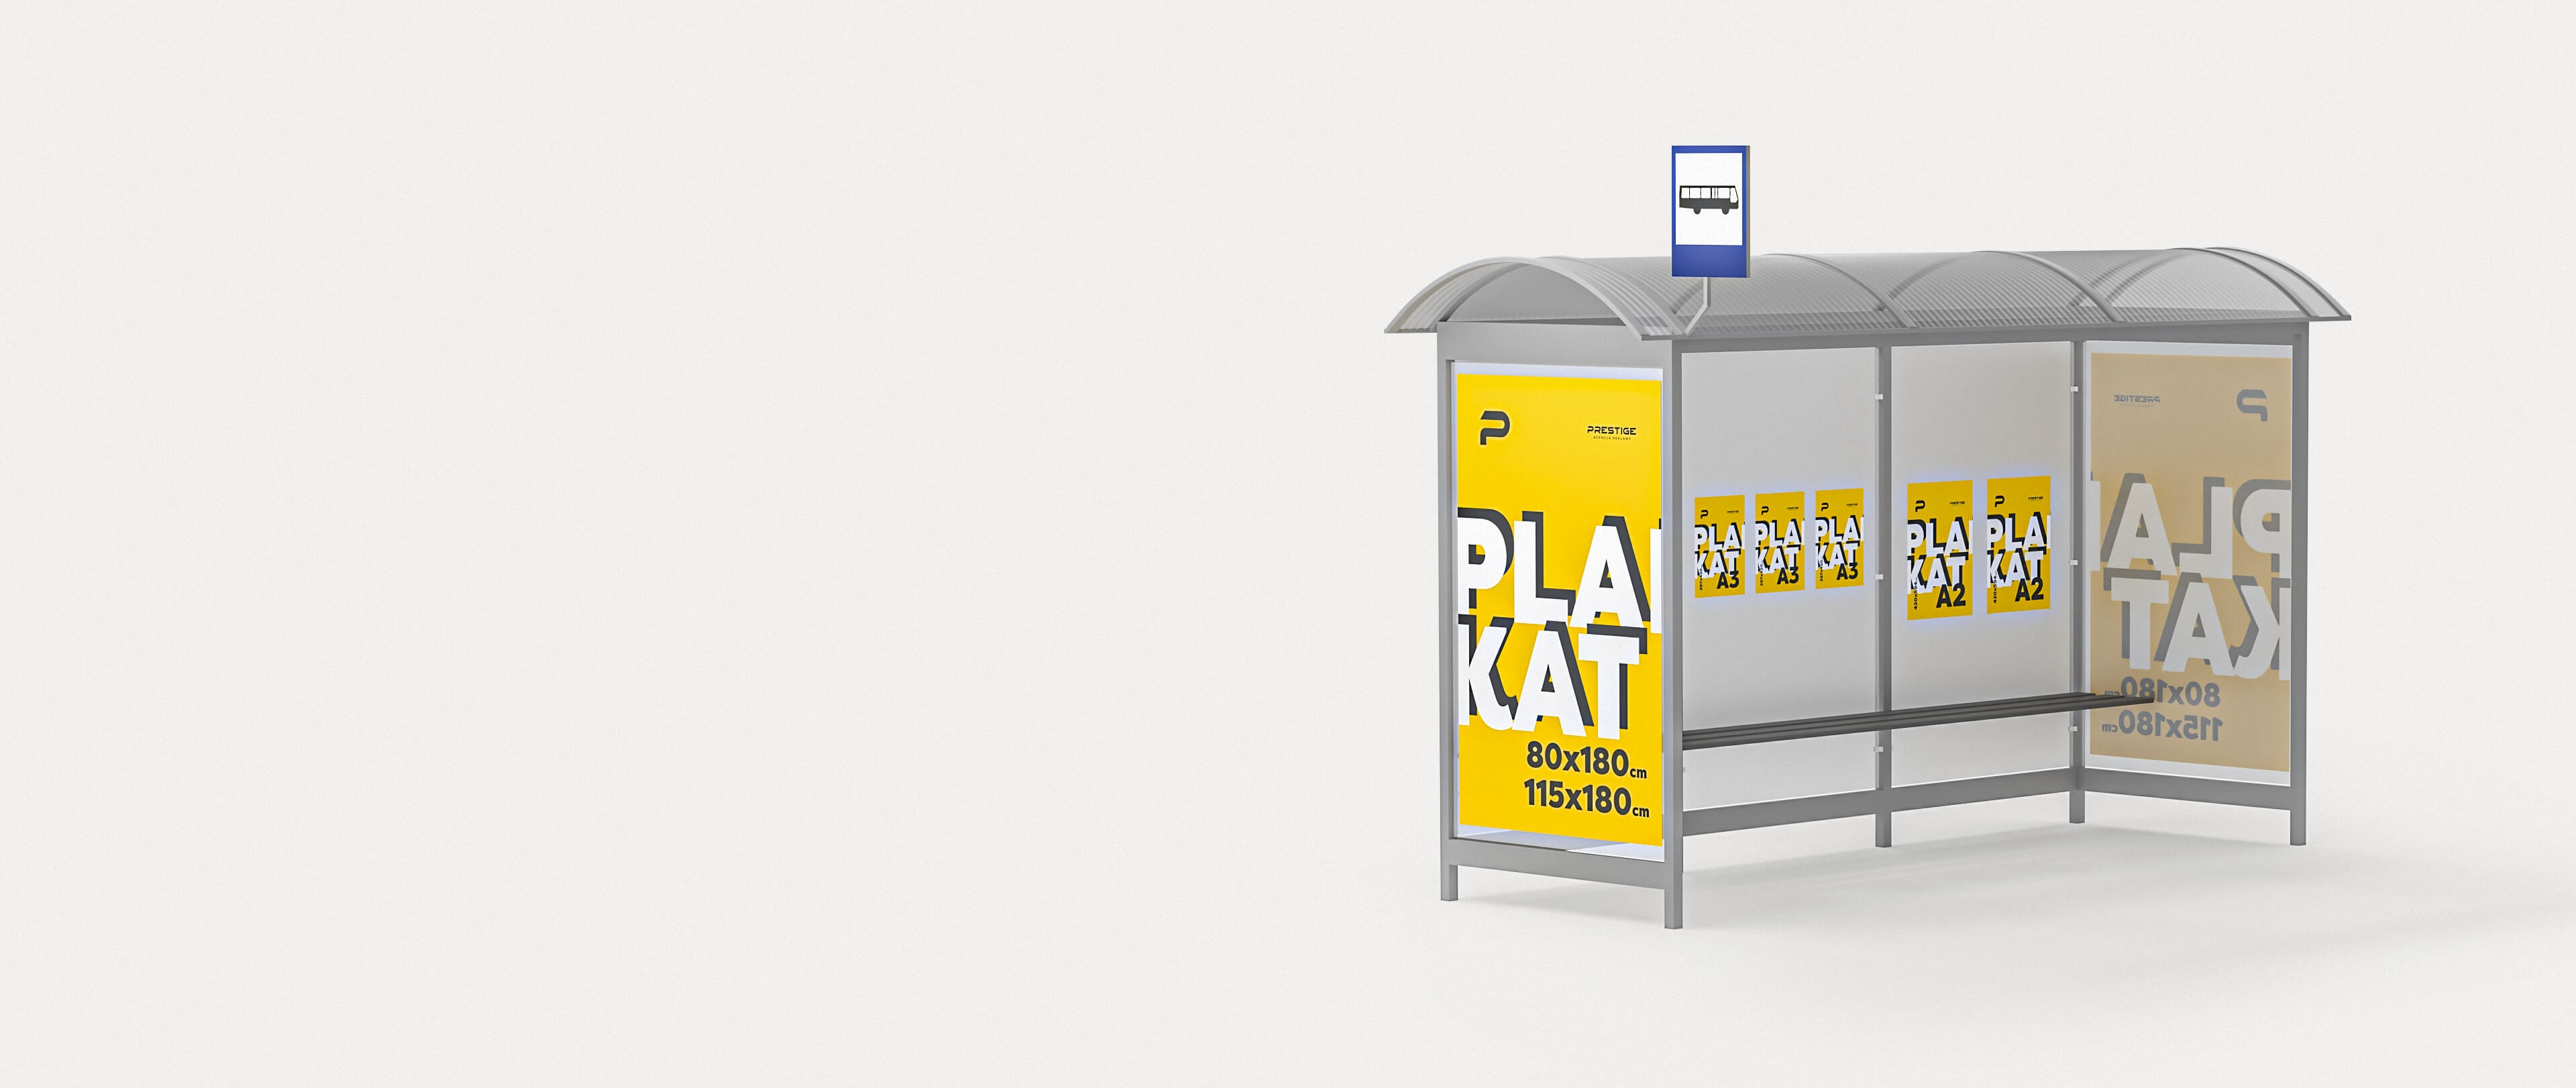 Reklama na przystankach, Reklama na przystanku, Plakaty na przystankach